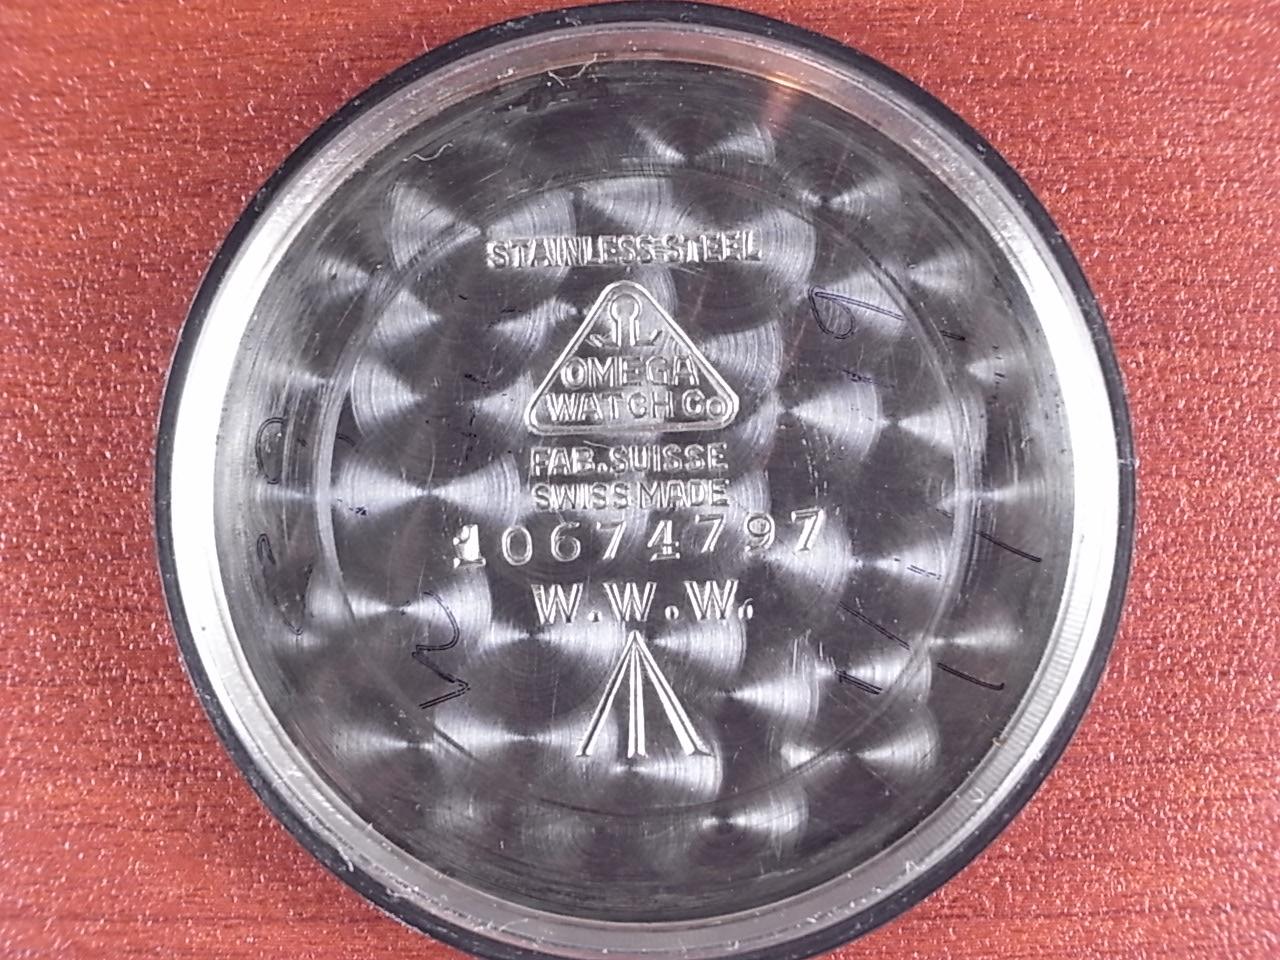 オメガ イギリス陸軍 W.W.W. MoD文字盤 1950年代の写真6枚目